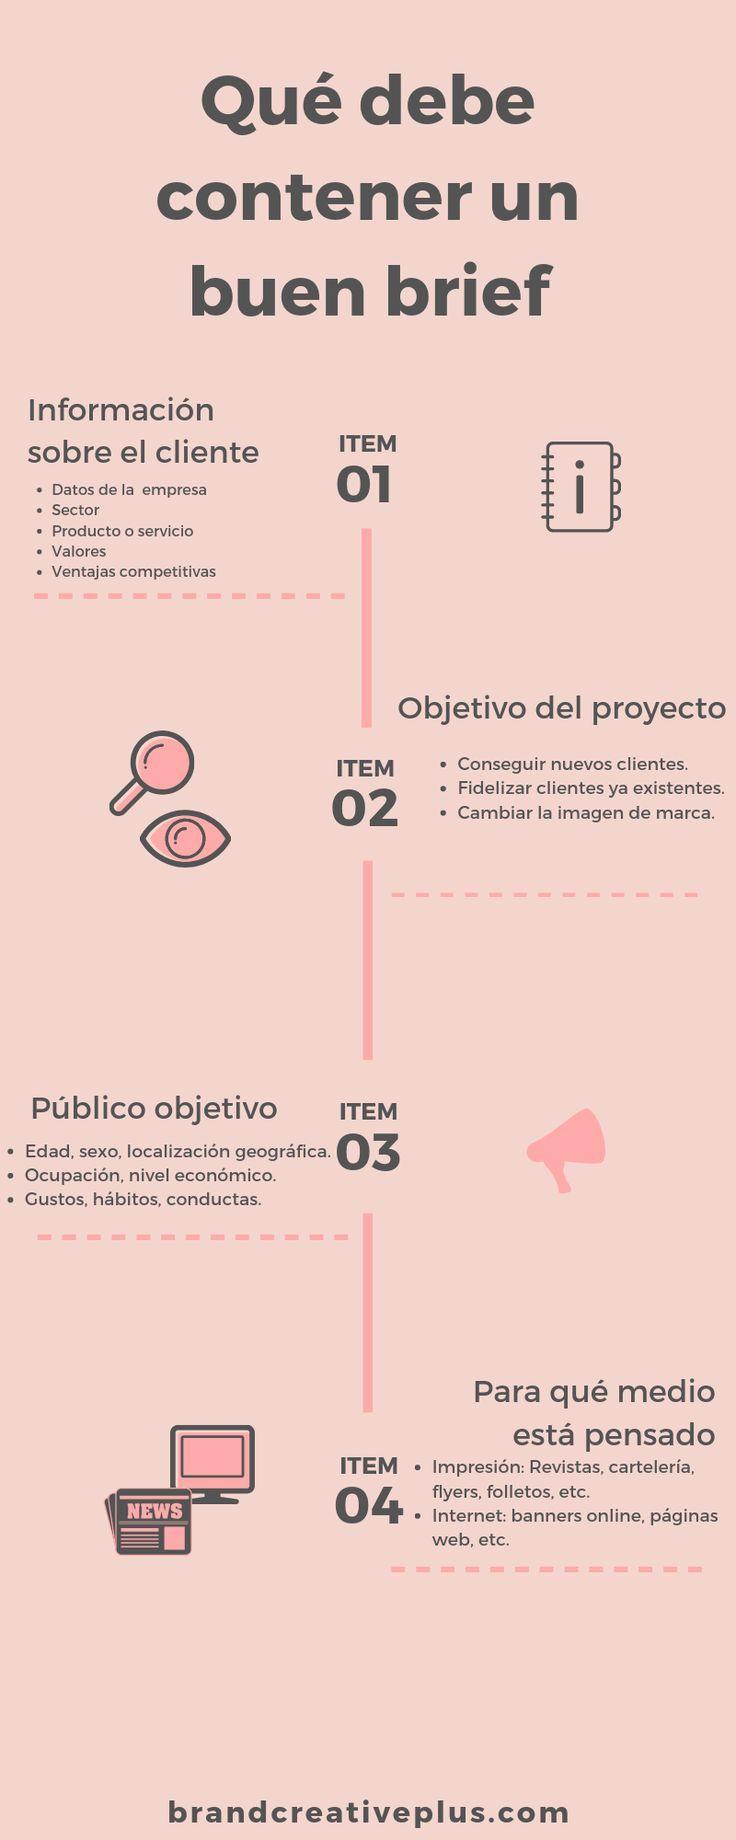 Brandcreativeplus Com Consejos De Diseño Gráfico Disenos De Unas Información De Diseño Gráfico